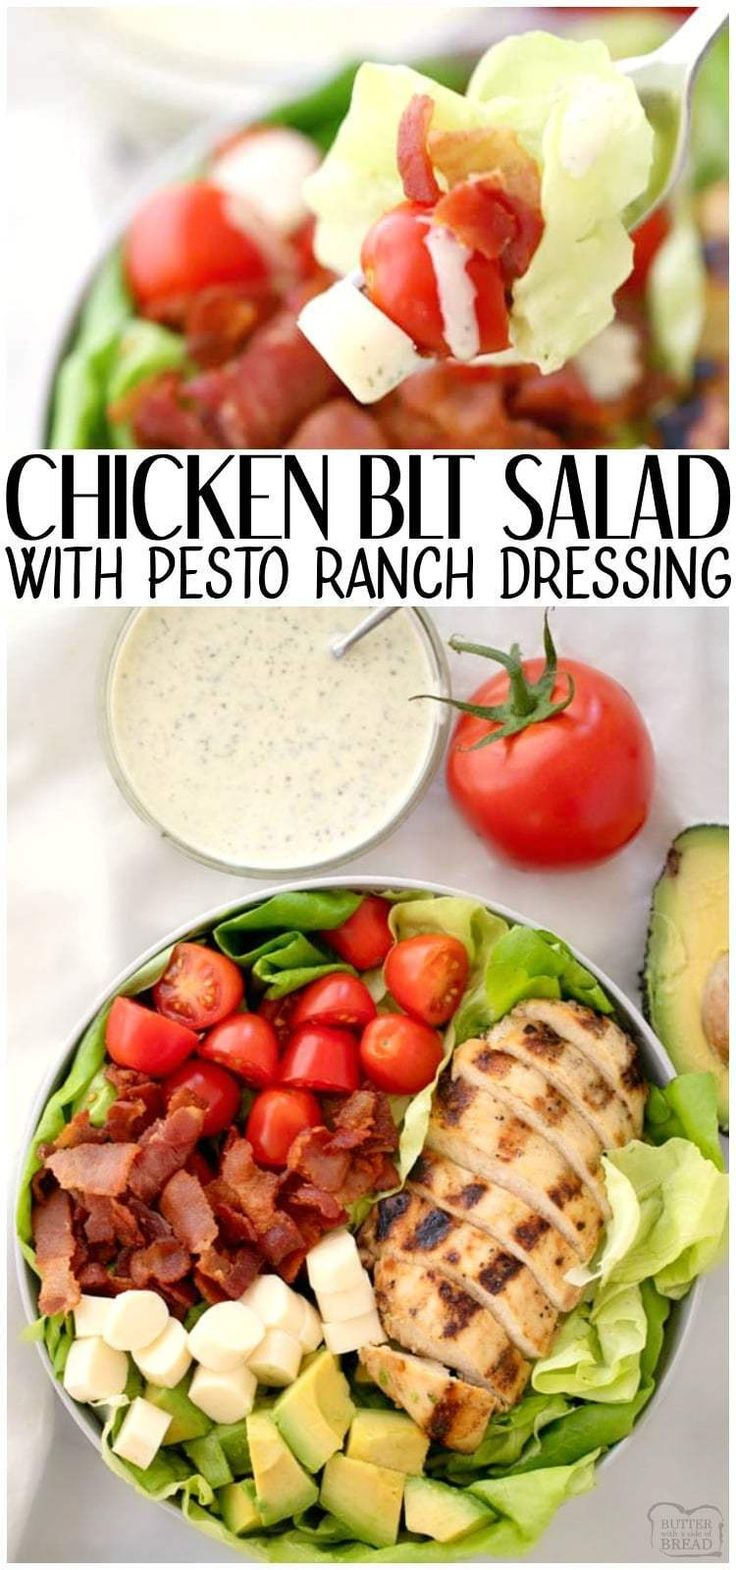 Gegrillter Hähnchen-BLT-Salat ist ein einfaches Sommersalatrezept, das mit gegrilltem Mar …